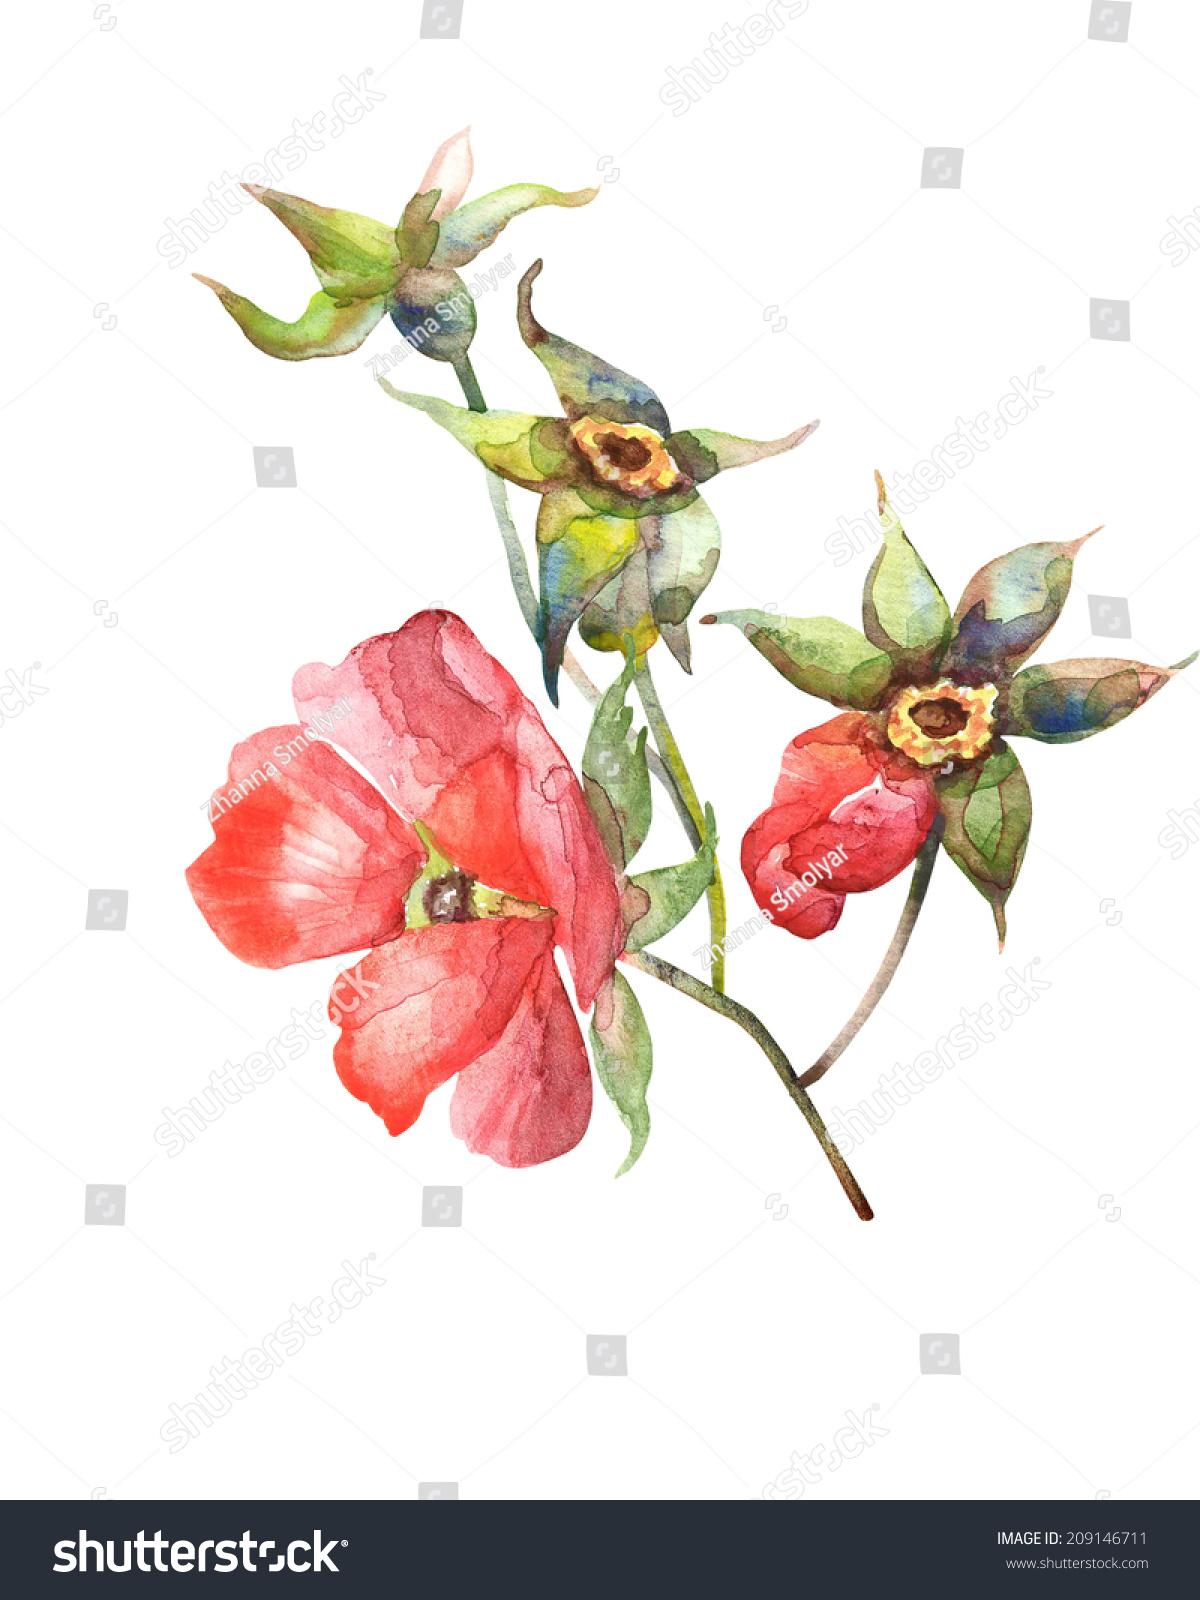 红玫瑰嫩枝.水彩手绘插图